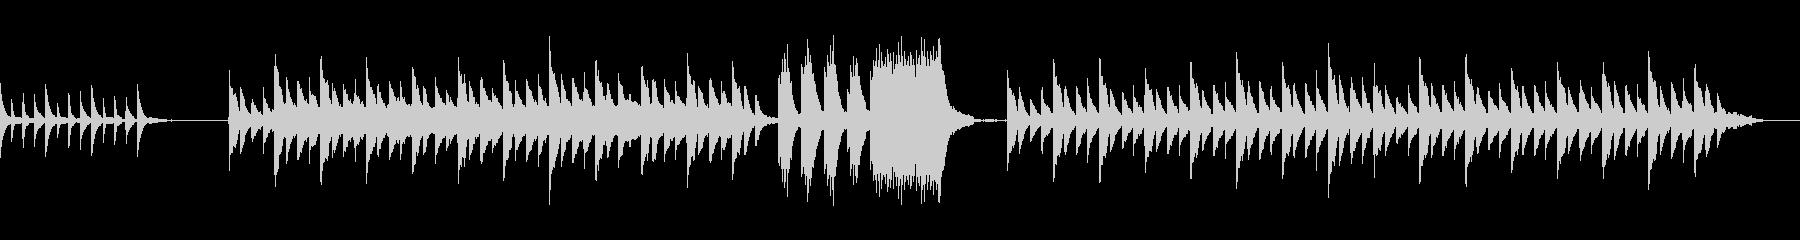 温かく包み込むような癒し系ピアノサウンドの未再生の波形